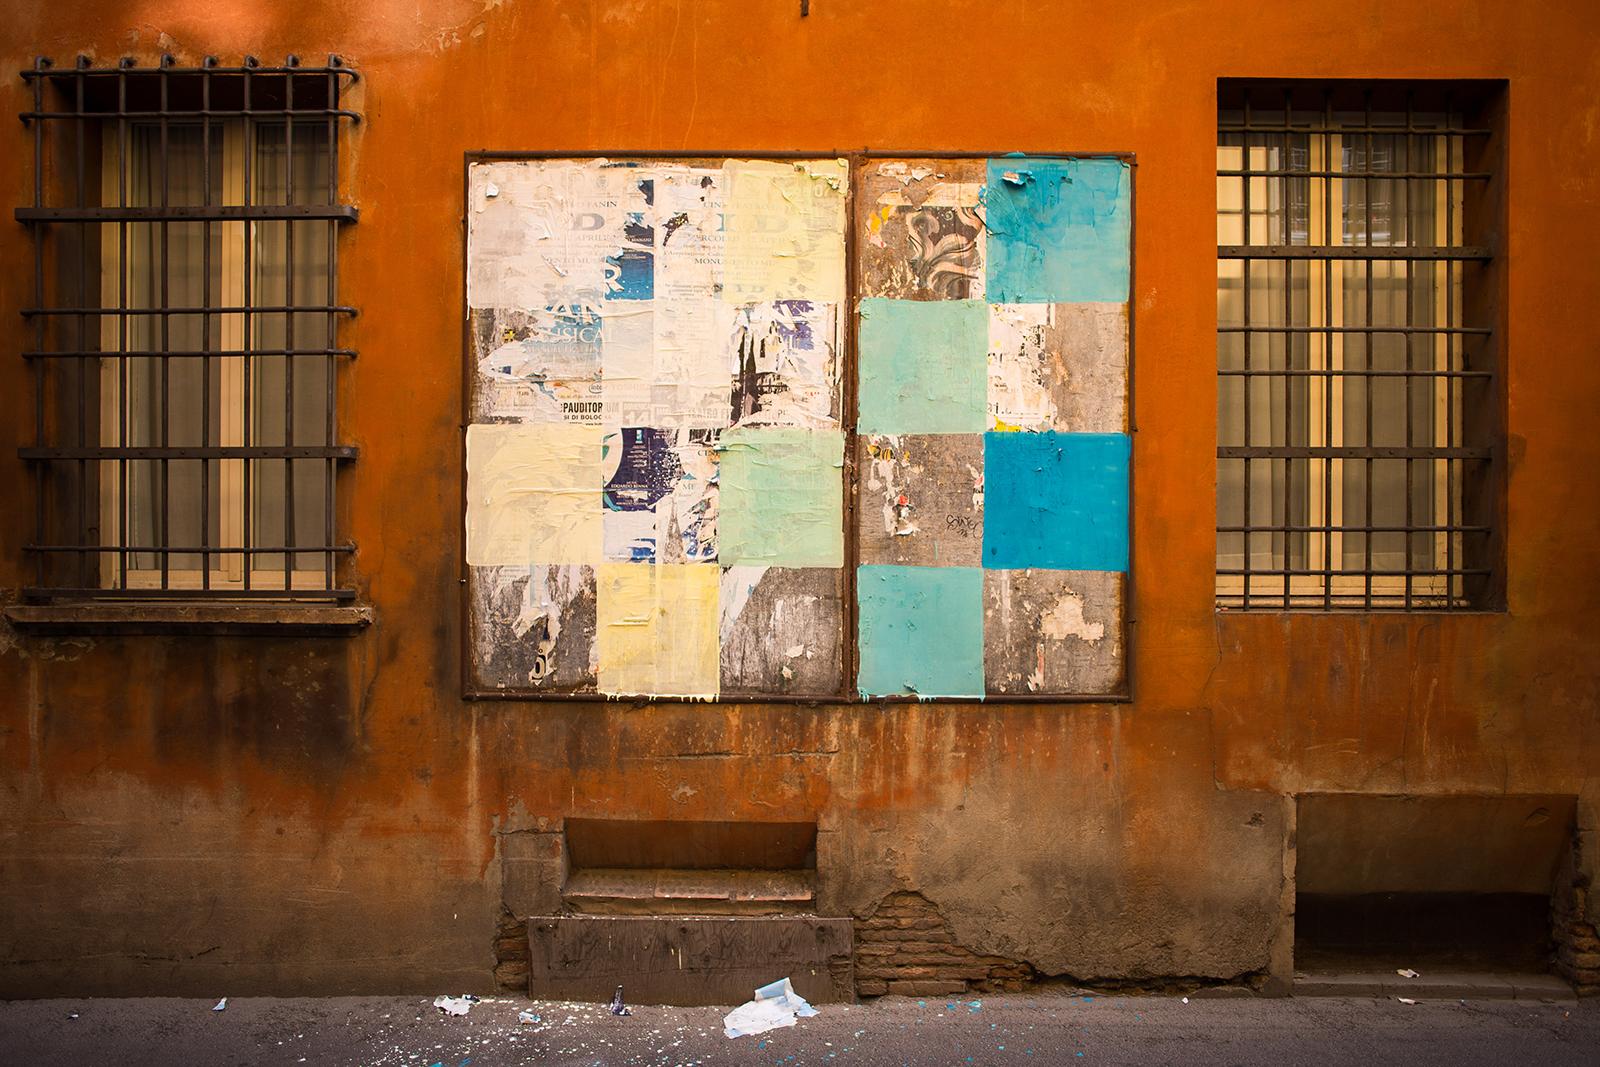 alberonero-new-murals-in-bologna-01